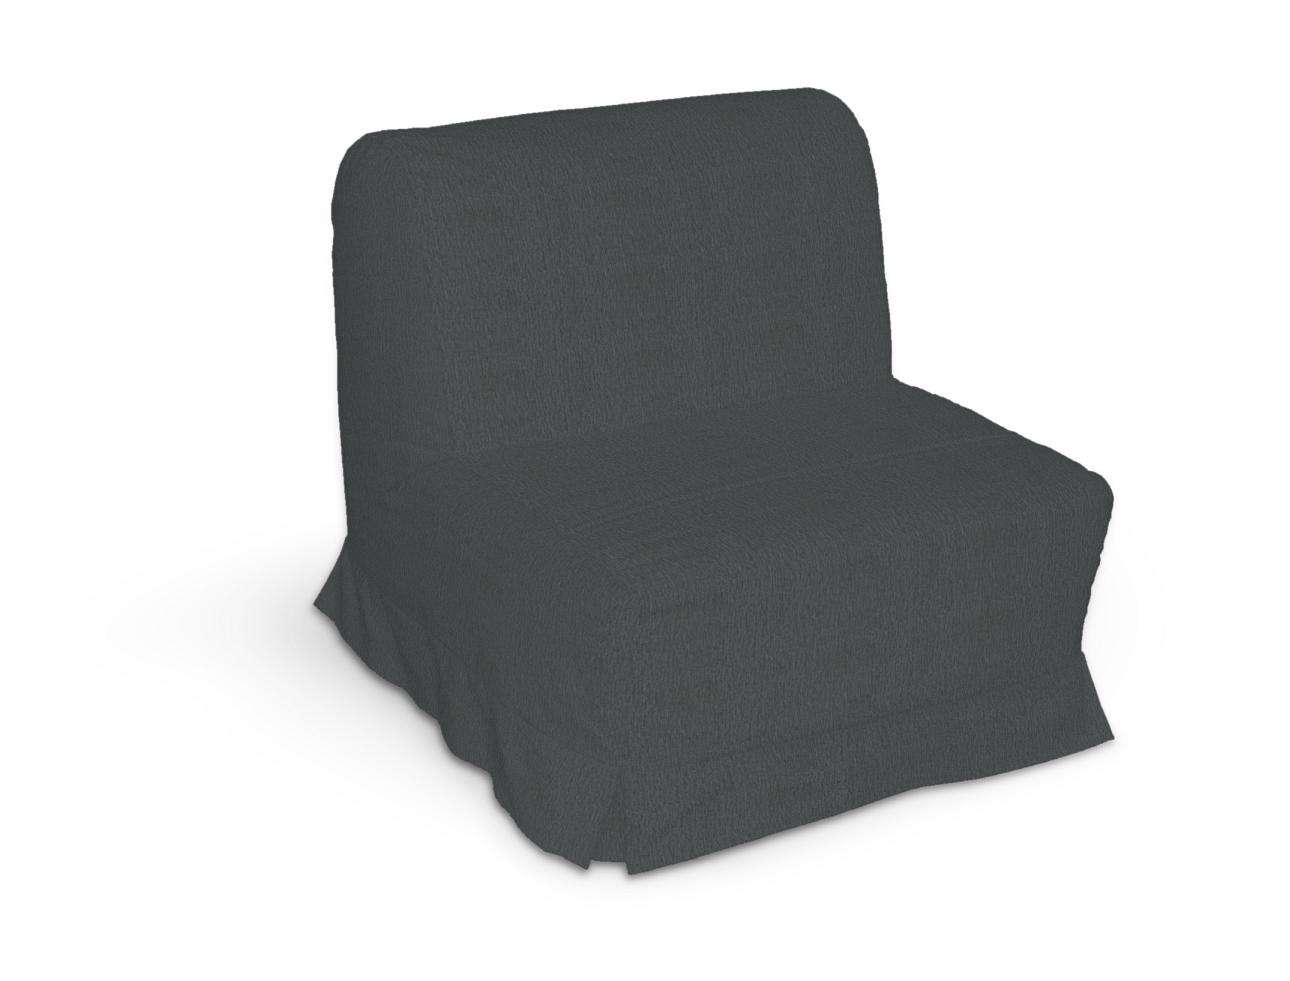 Pokrowiec na fotel Lycksele z kontrafałdami sofa Lycksele 1os. w kolekcji Chenille, tkanina: 702-20